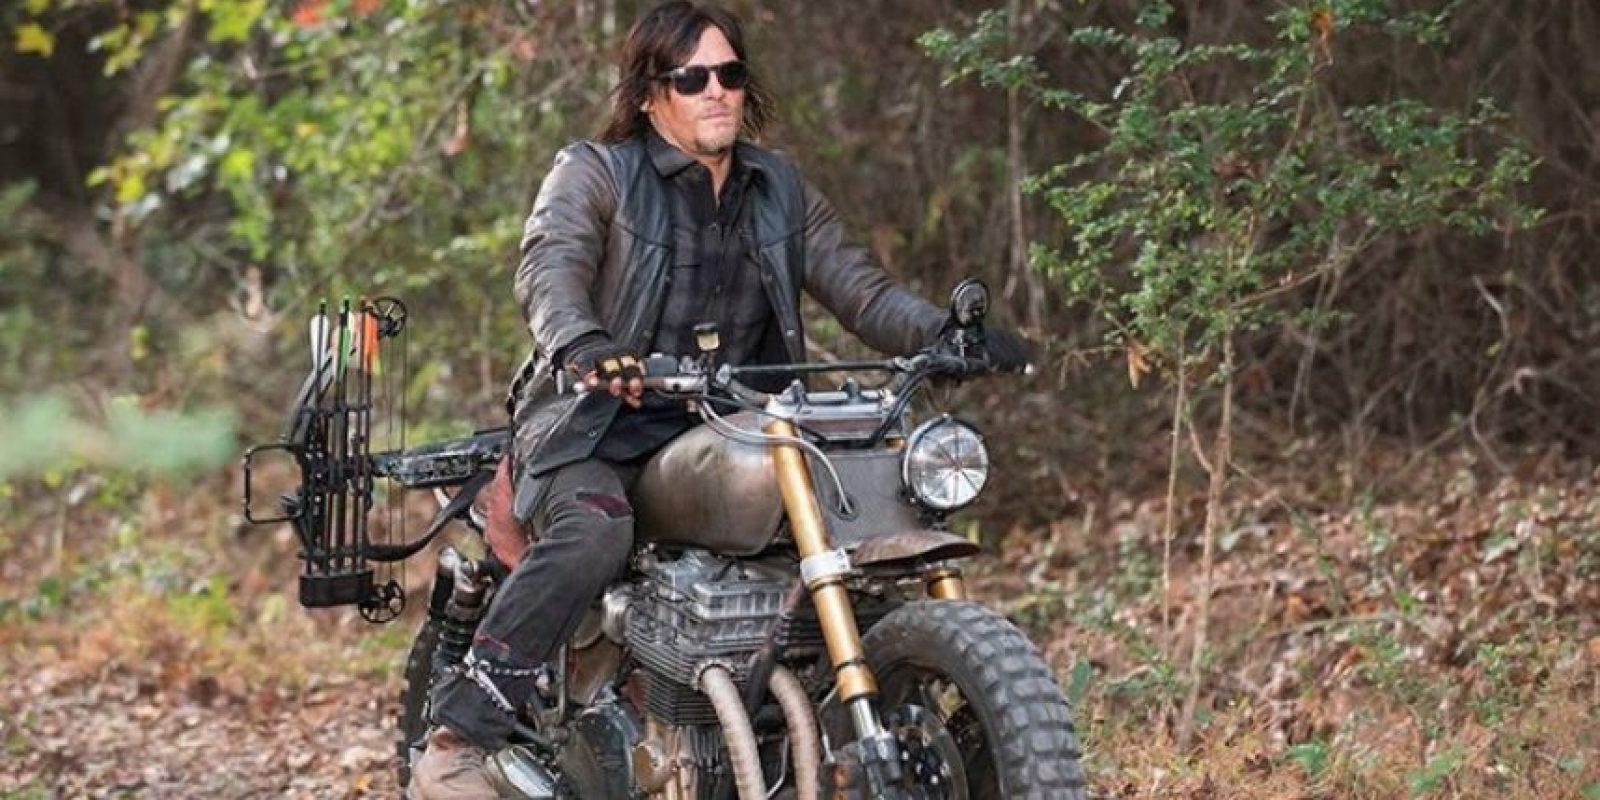 Reedus es amante de las motos. Incluso trabajo en una tienda de motos Harley Davidson en los Ángeles. Foto:IMDb